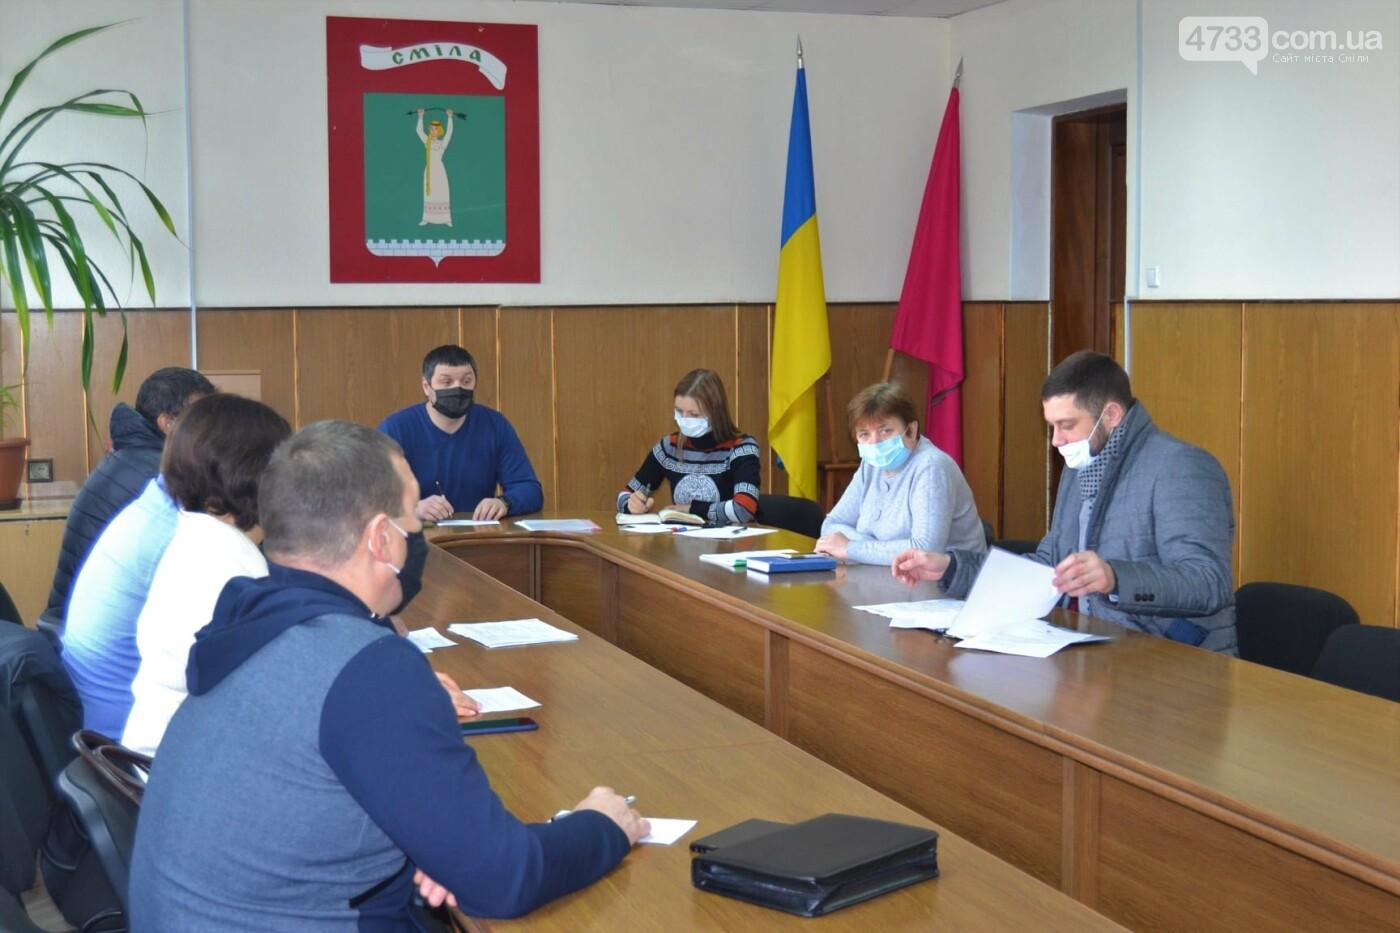 Бюджет і кадастрова служба: про що говорили на бюджетній комісії?, фото-2, Смілянська міська рада